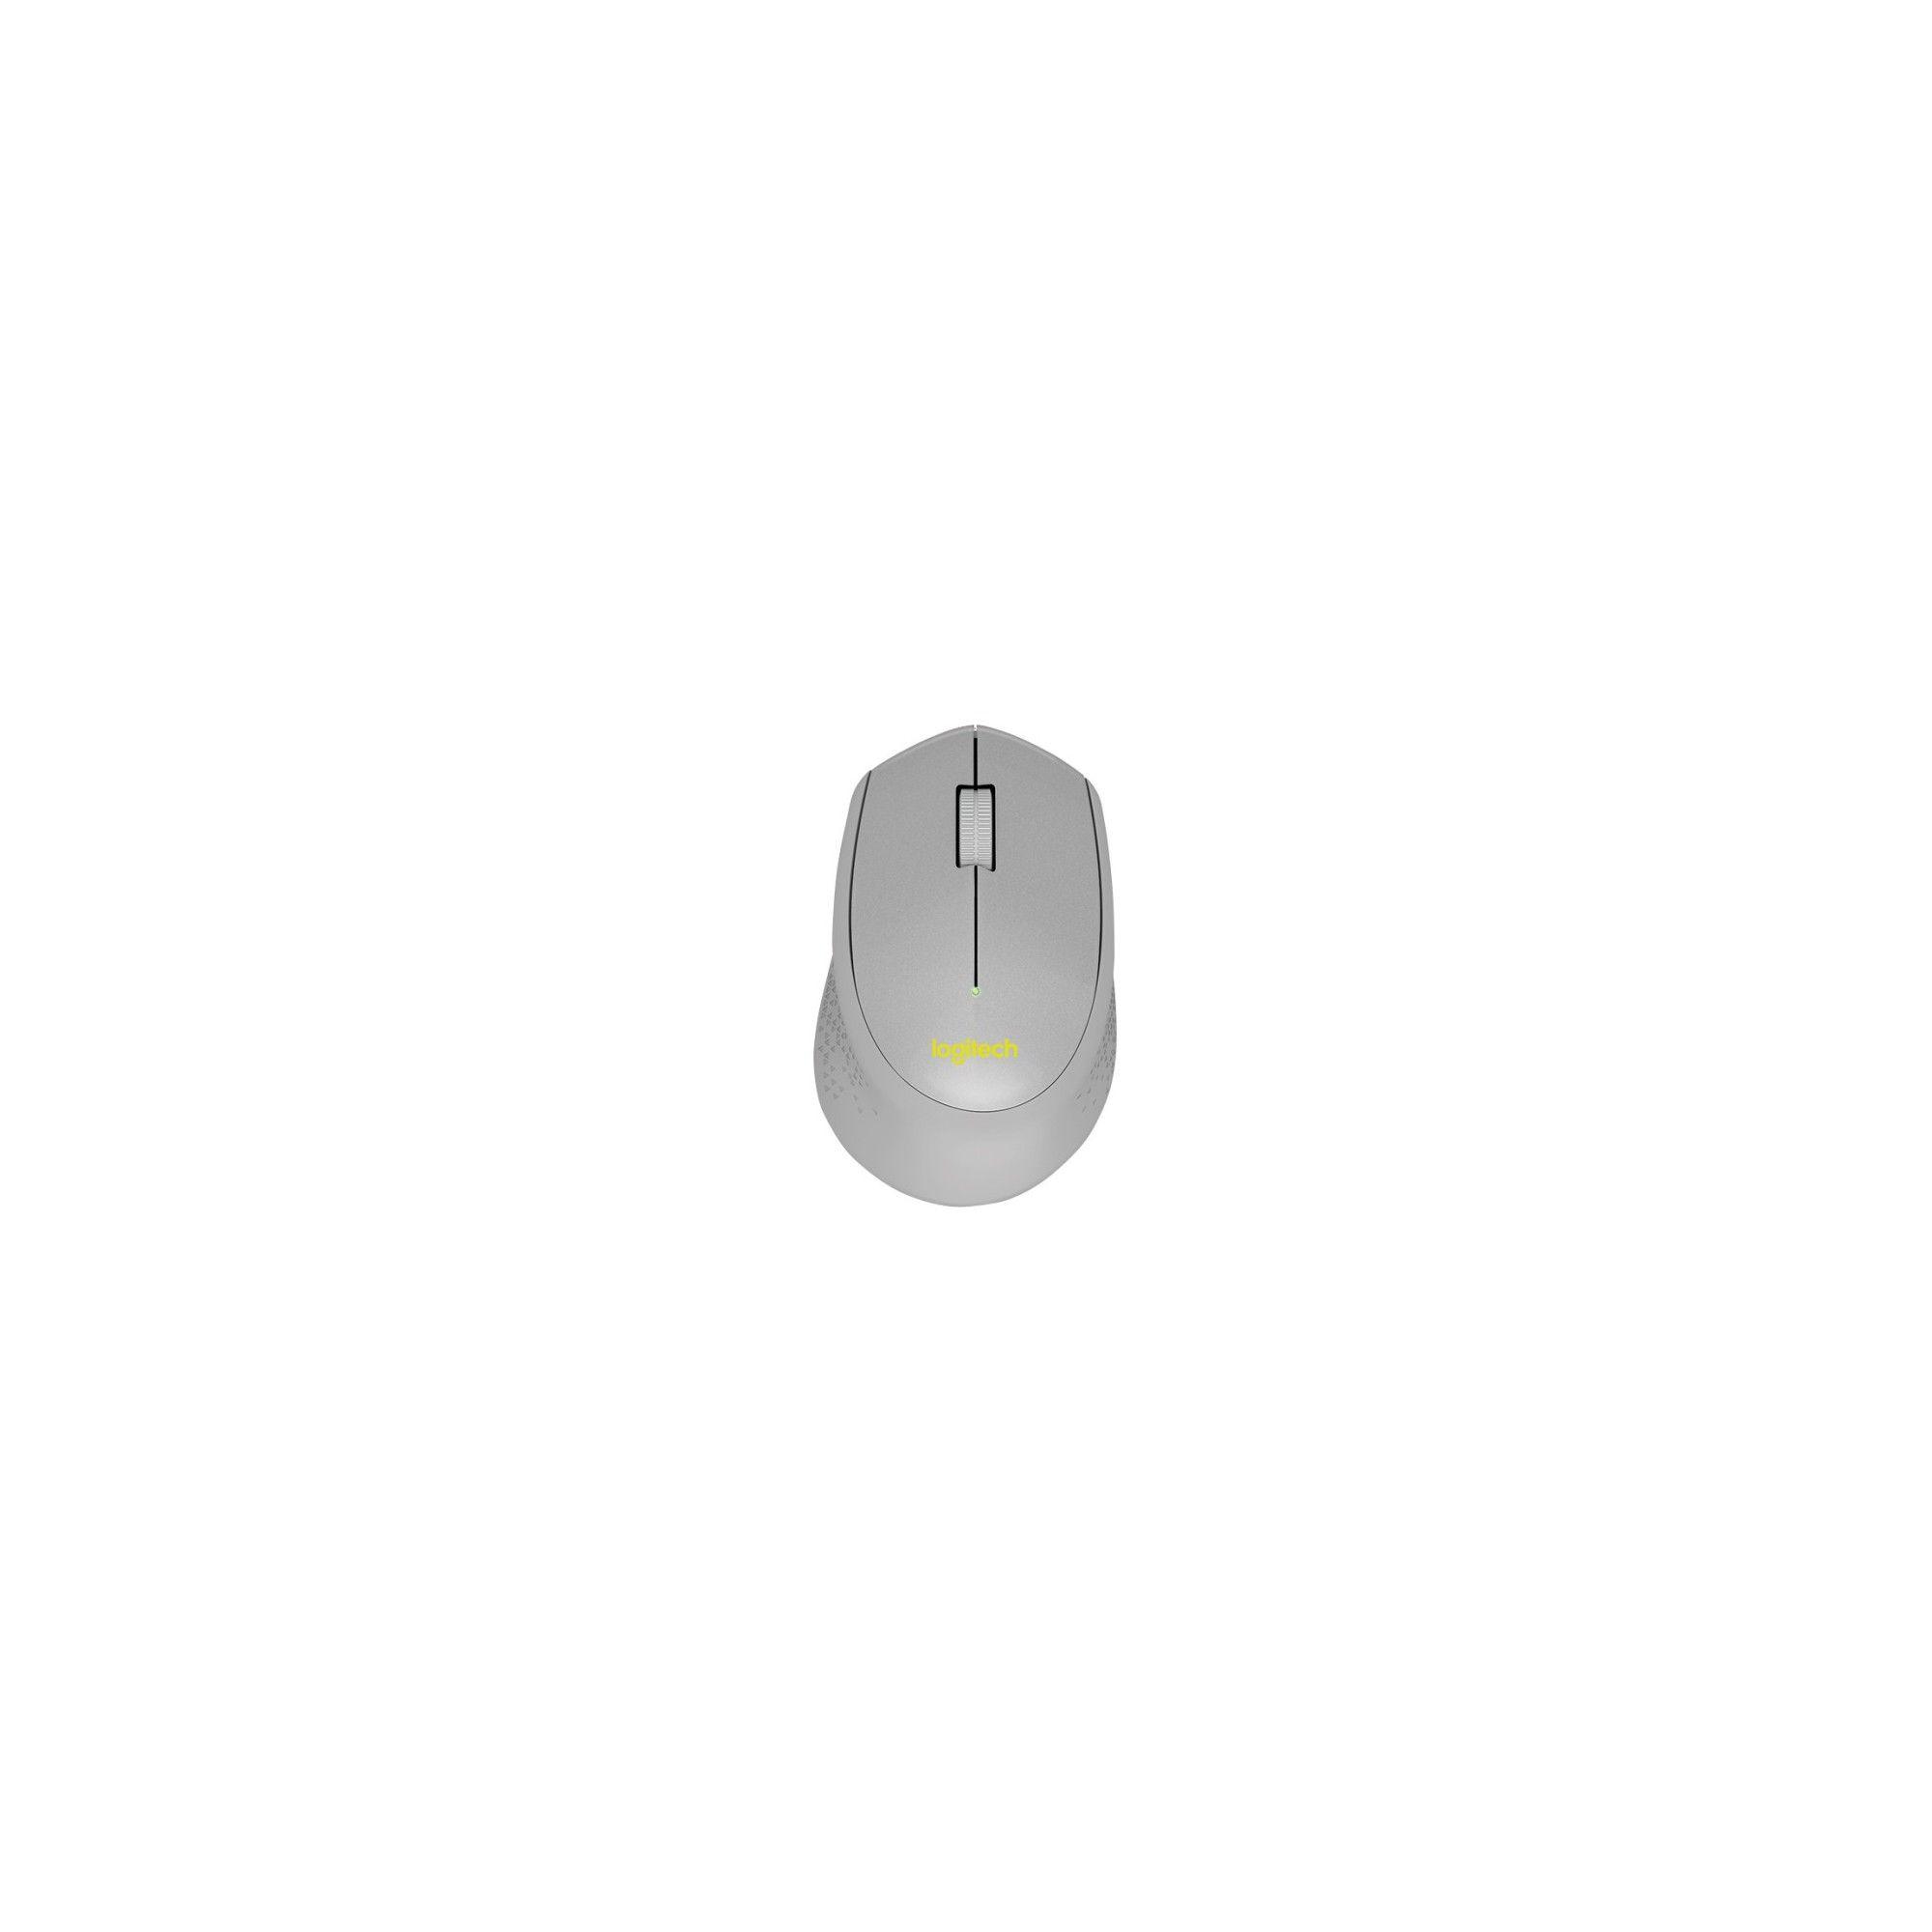 Logitech SILENT PLUS M330 Mouse - Mechanical - Cable - Gray